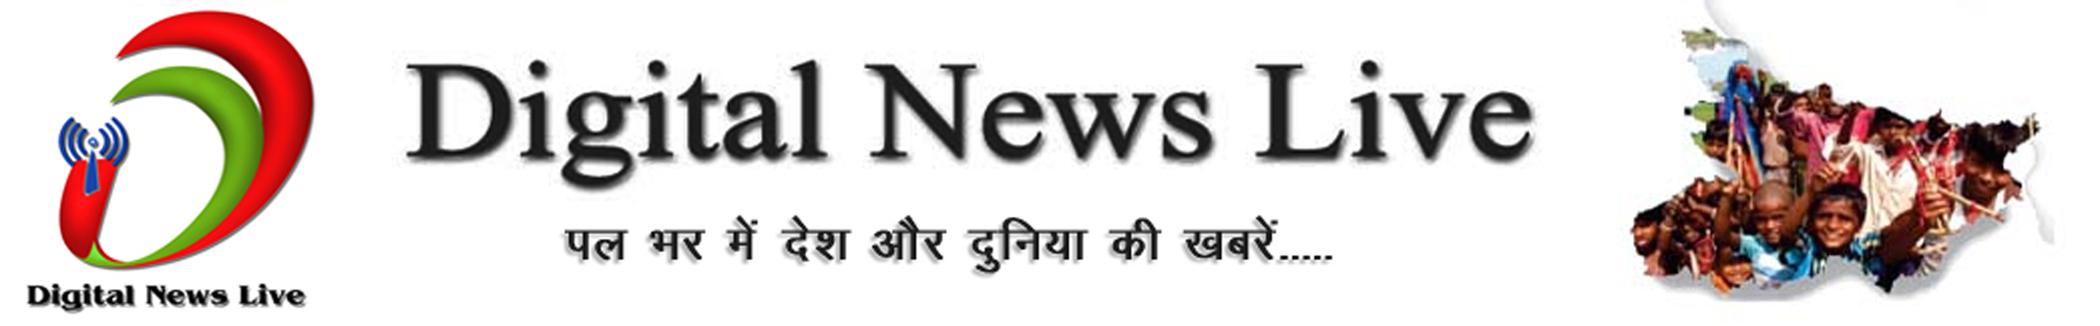 Digital News Live